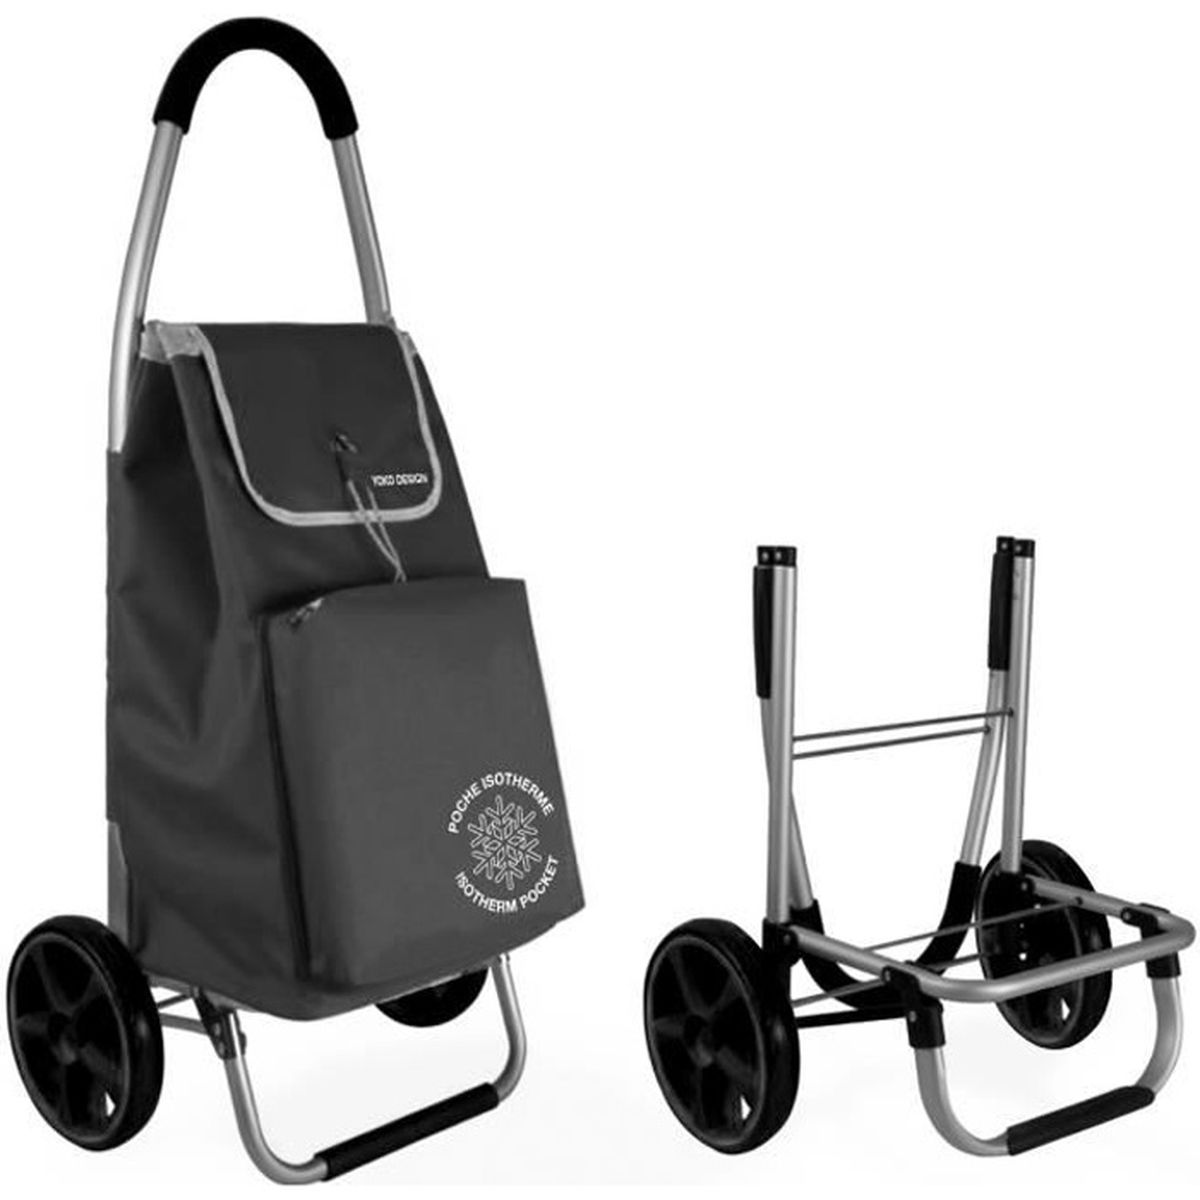 chariot de course isotherme achat vente chariot de course isotherme pas cher soldes d s. Black Bedroom Furniture Sets. Home Design Ideas